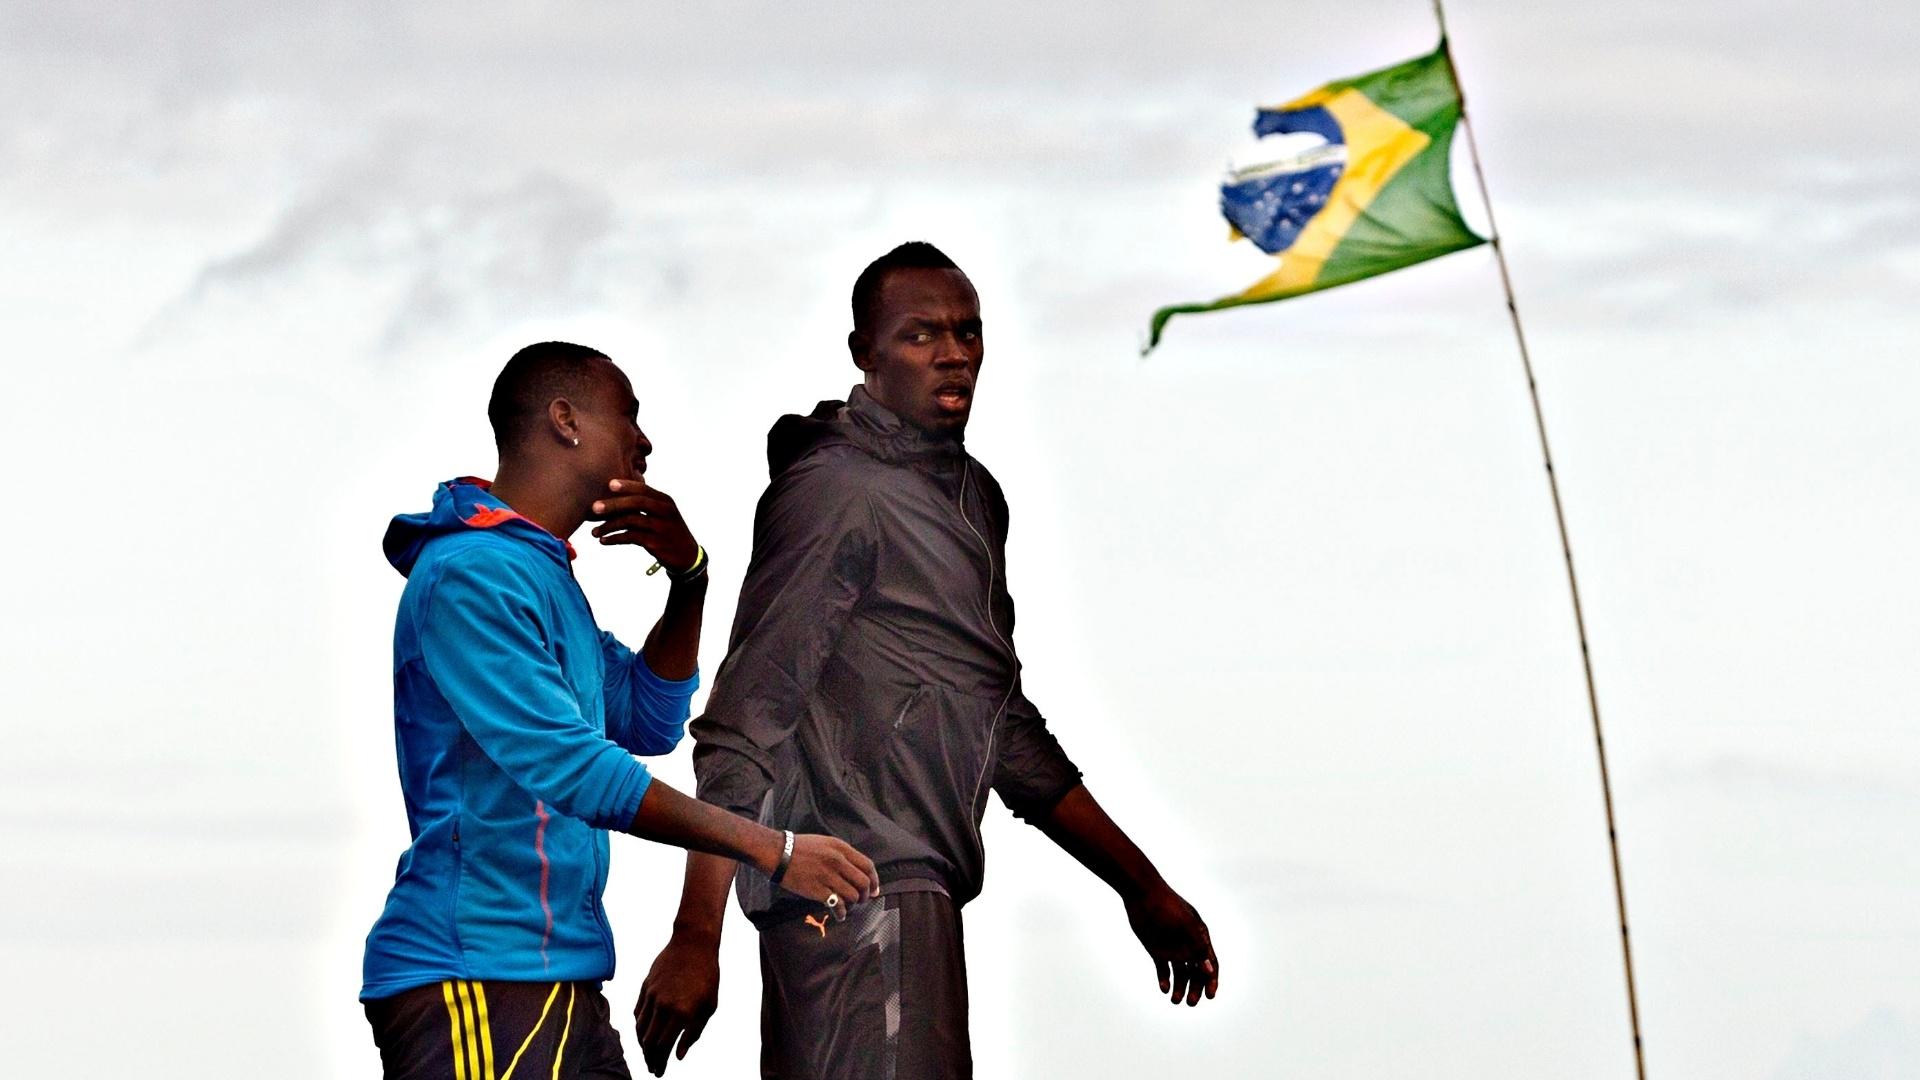 29.03.2013 - Bolt conversa durante o treino realizado na Praia de Copacabana